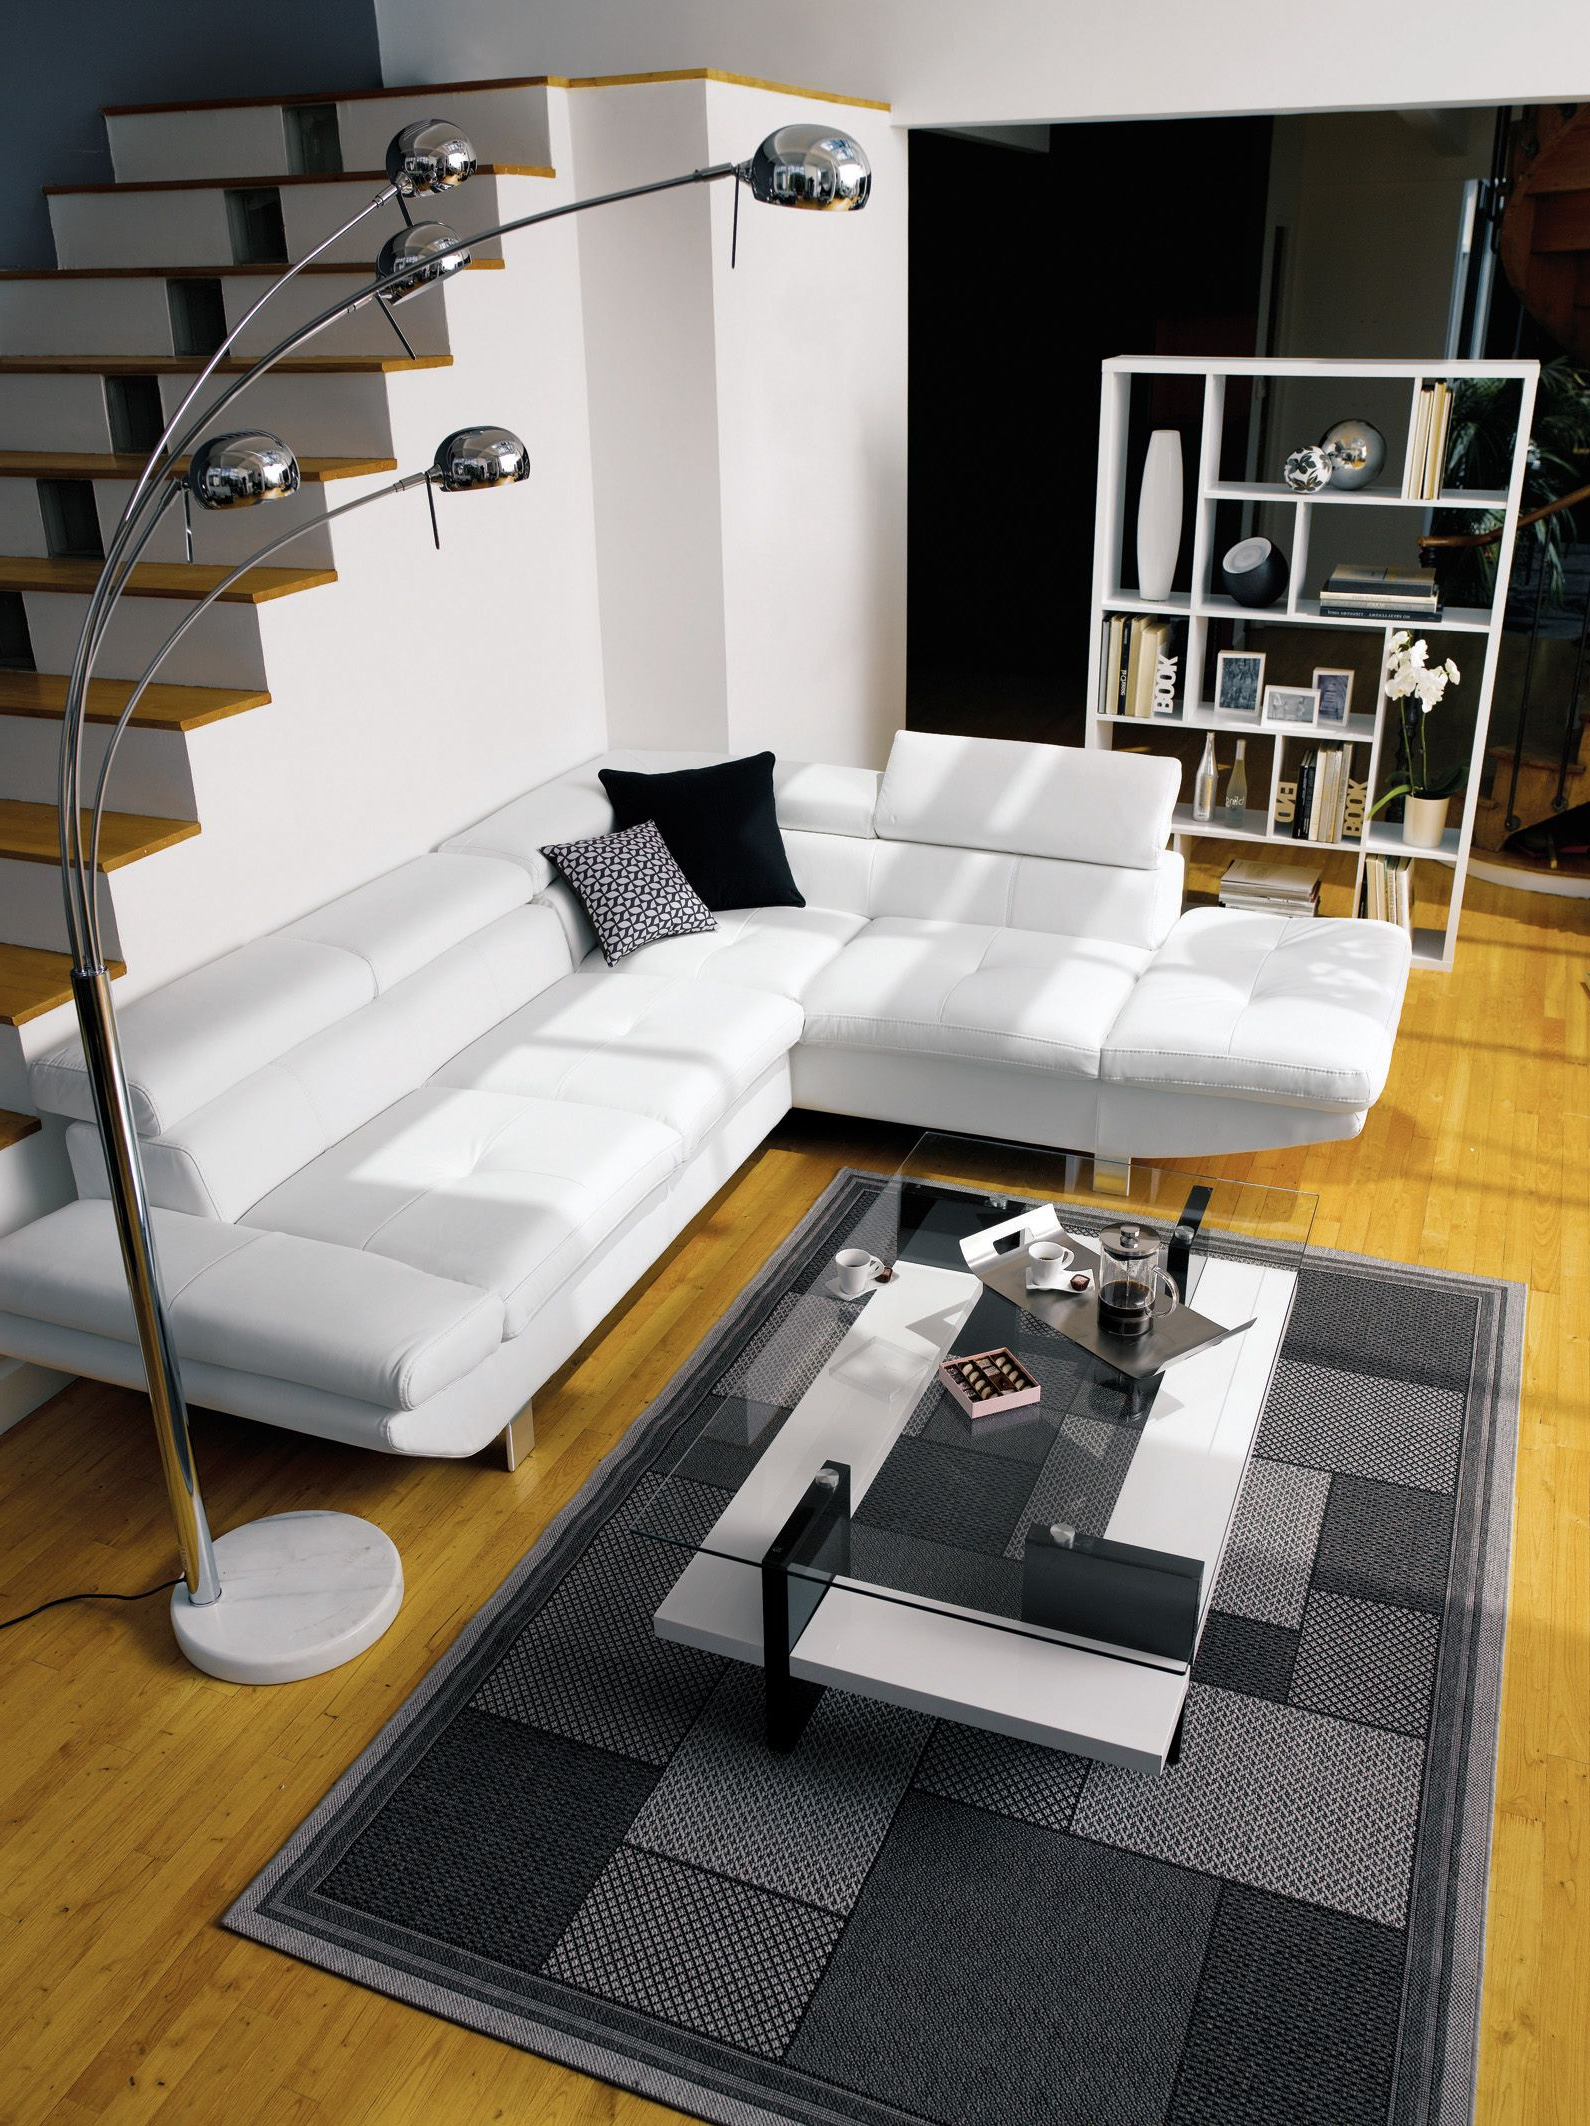 Sofas Conforama Madrid Kvdd Conforama Ambiance Loft Color Home Deco Canapà sofa A